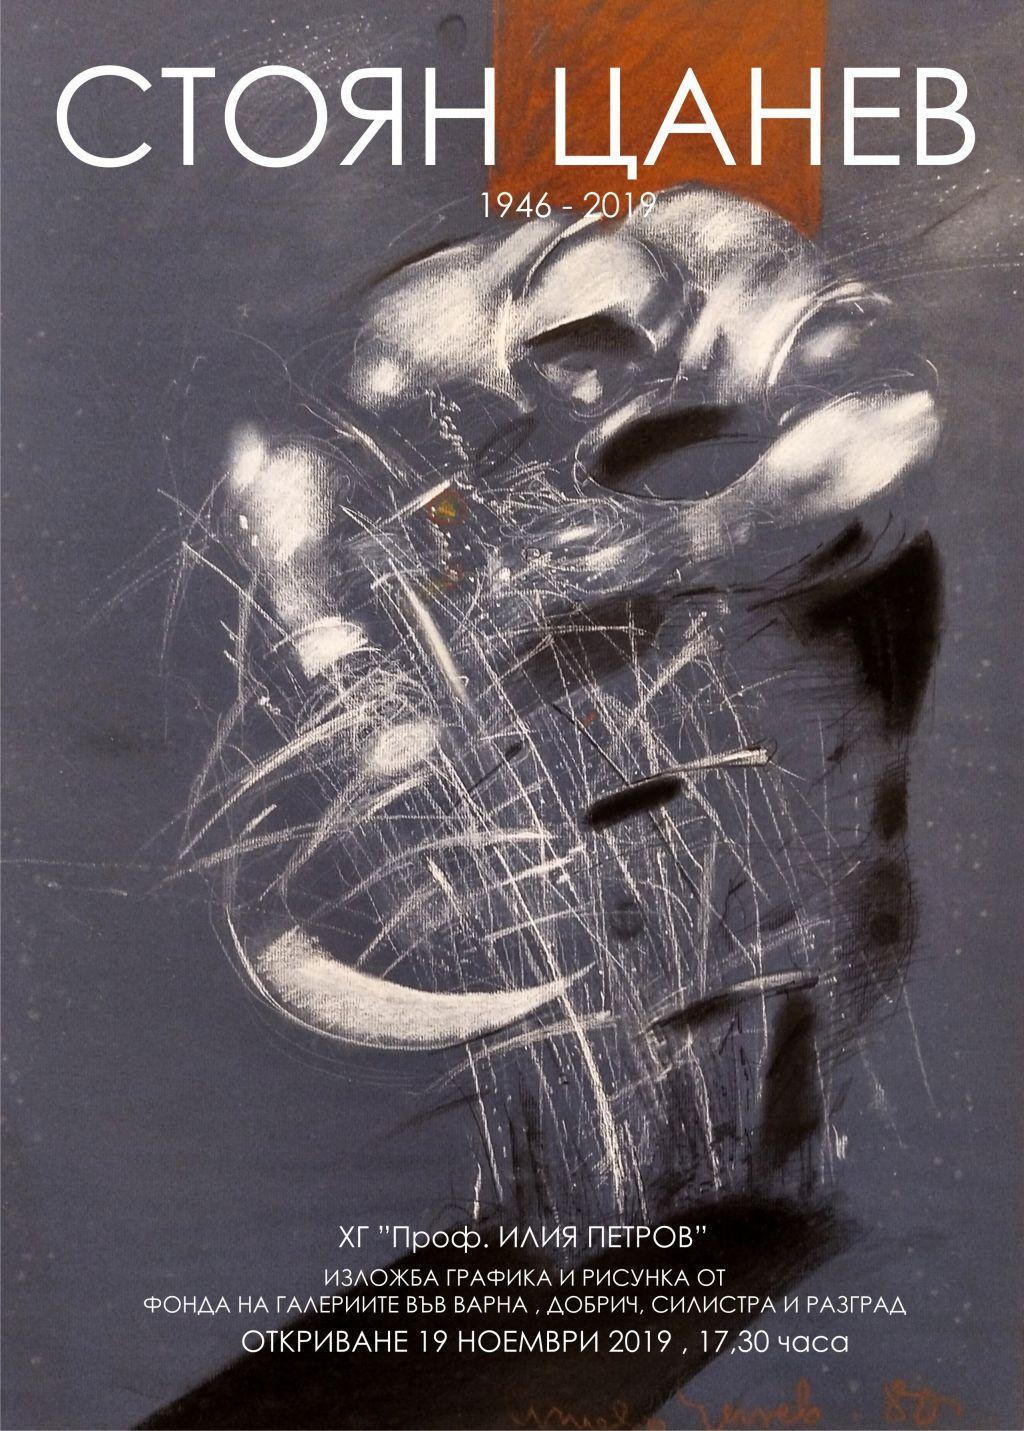 Изложба  графика и рисунка  -  Стоян Цанев - голяма снимка